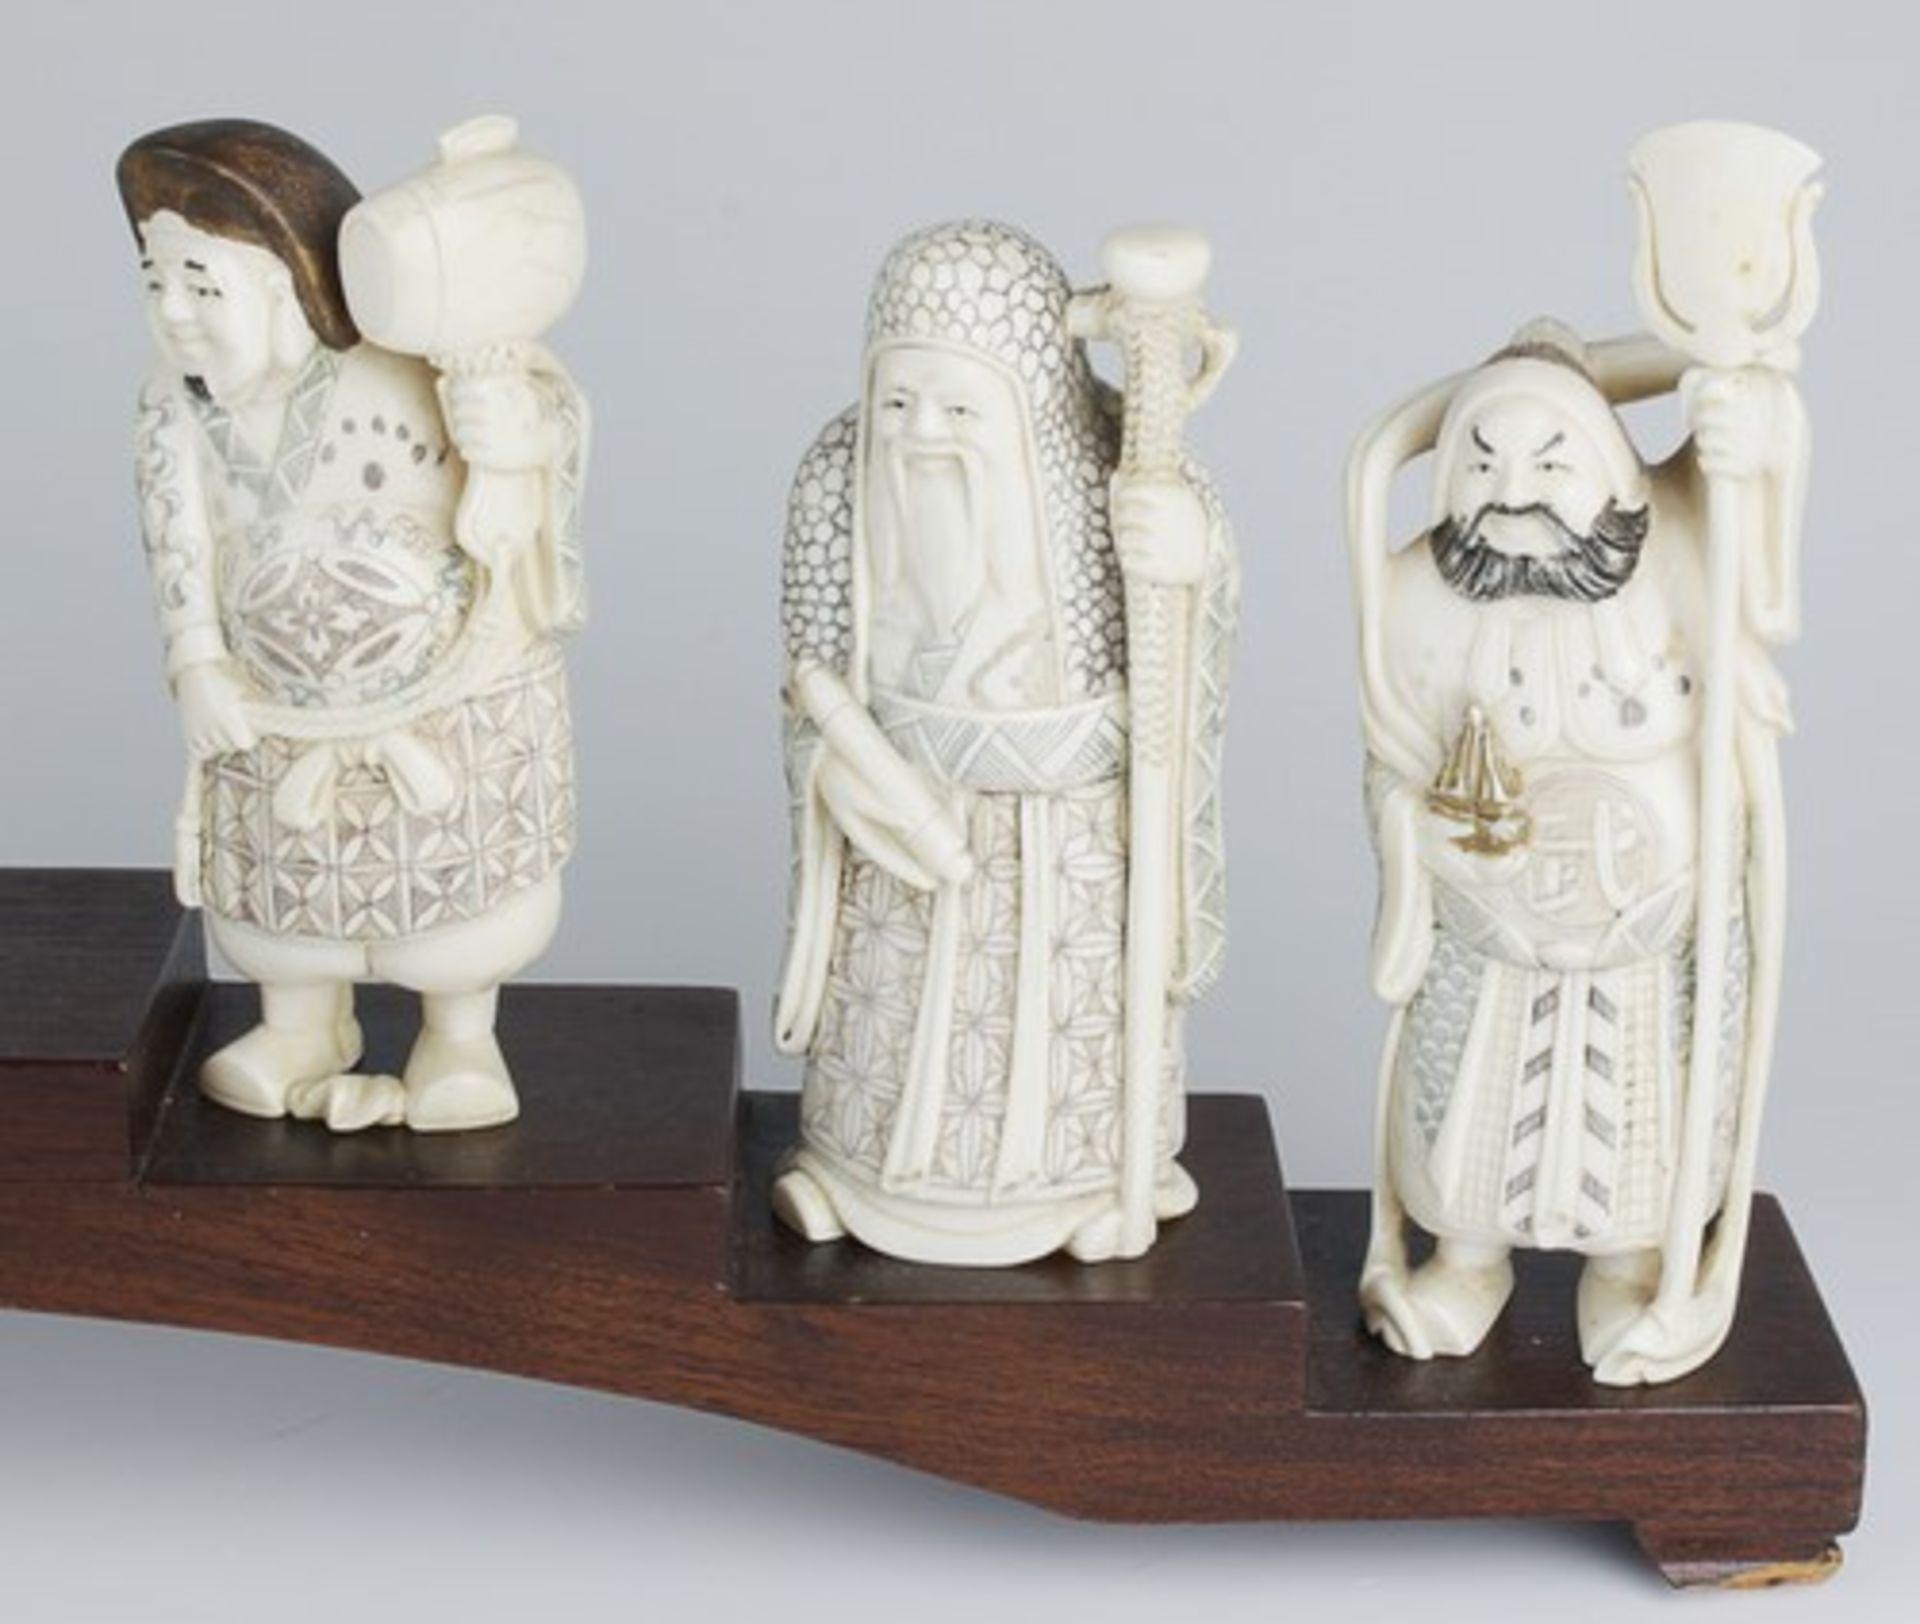 Figurengruppe - Chinaum 1920, 7x vollplastische Elfenbein-Schnitzereien, partiell geschwärzt, - Bild 18 aus 24